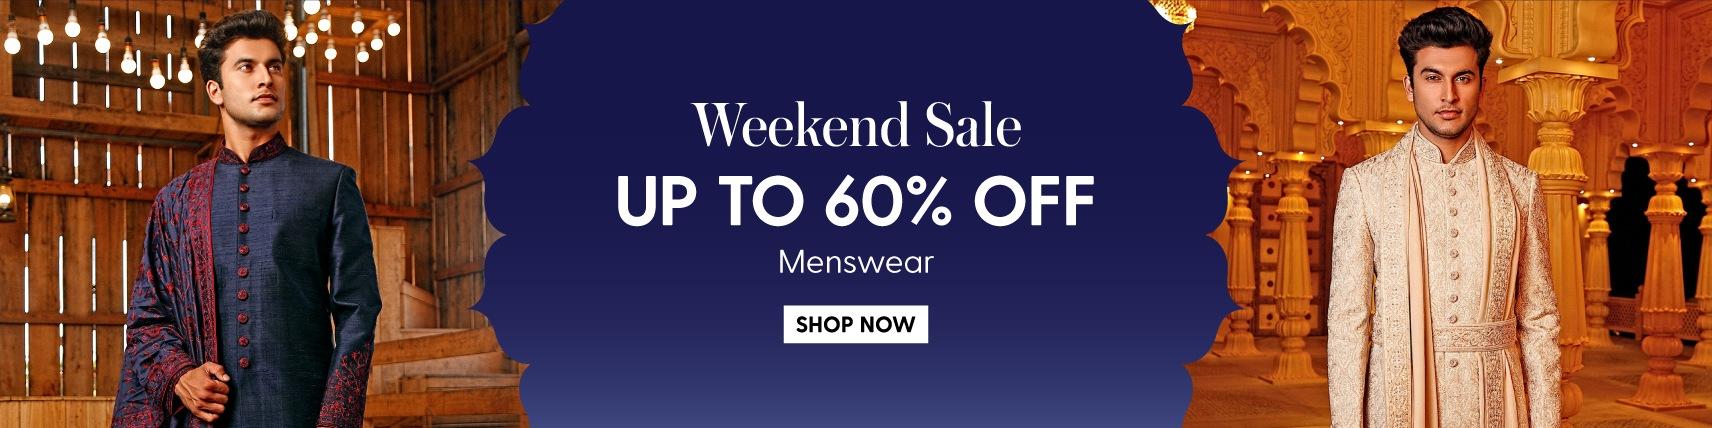 flash-sale-r3?utm_source=LandingPage&utm_medium=Banner&utm_campaign=WeekendSpecial-Menswear